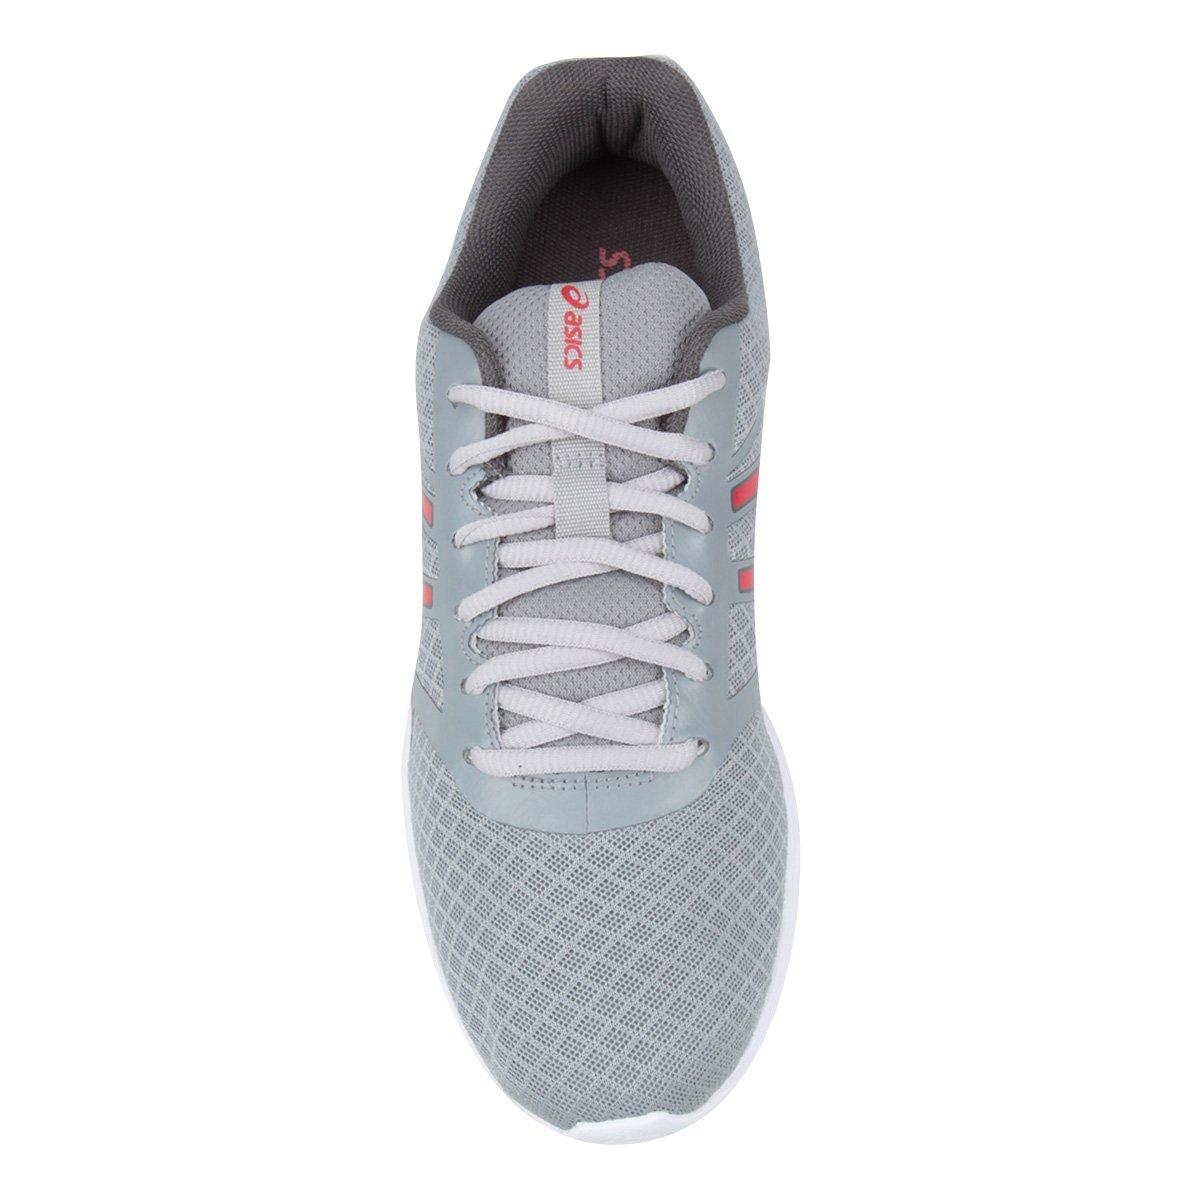 Tênis Asics Blocker Masculino - Prata e Vermelho - Compre Agora ... 63542bb0e4c84